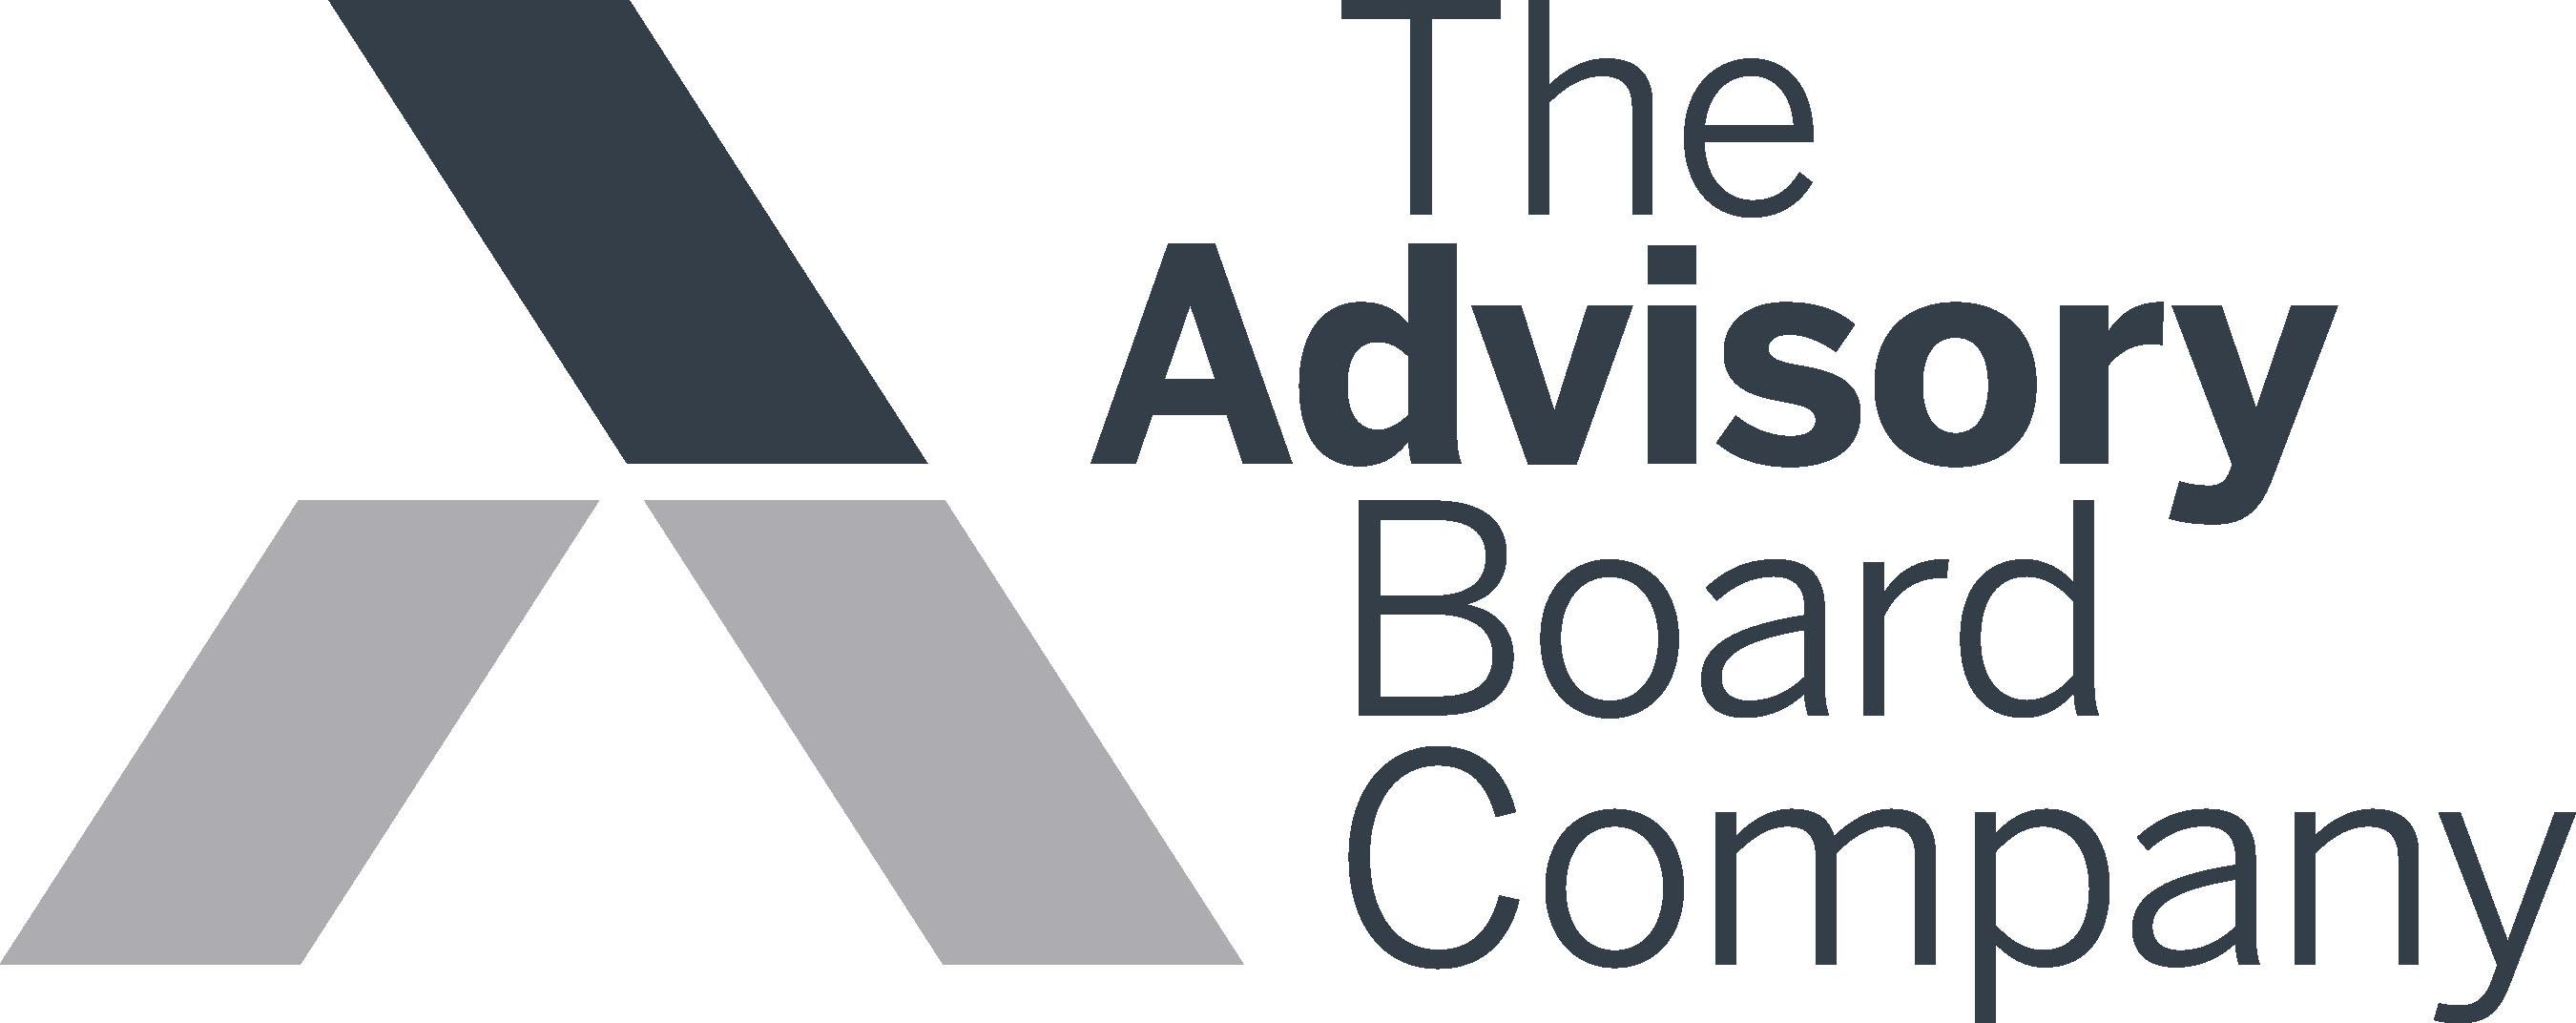 The Advisory Board Company.